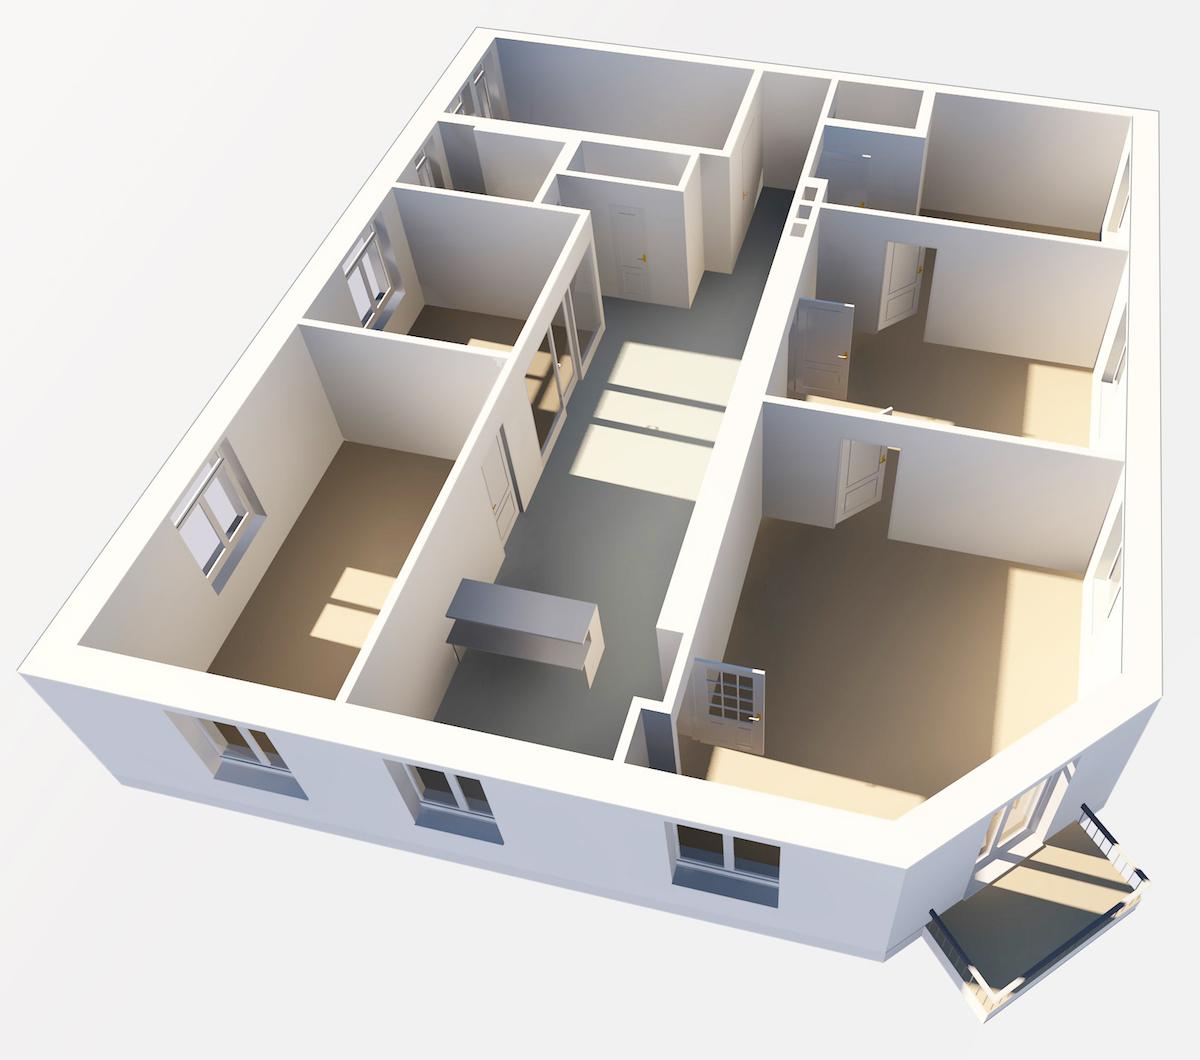 Stilvoller 3D-Grundriss